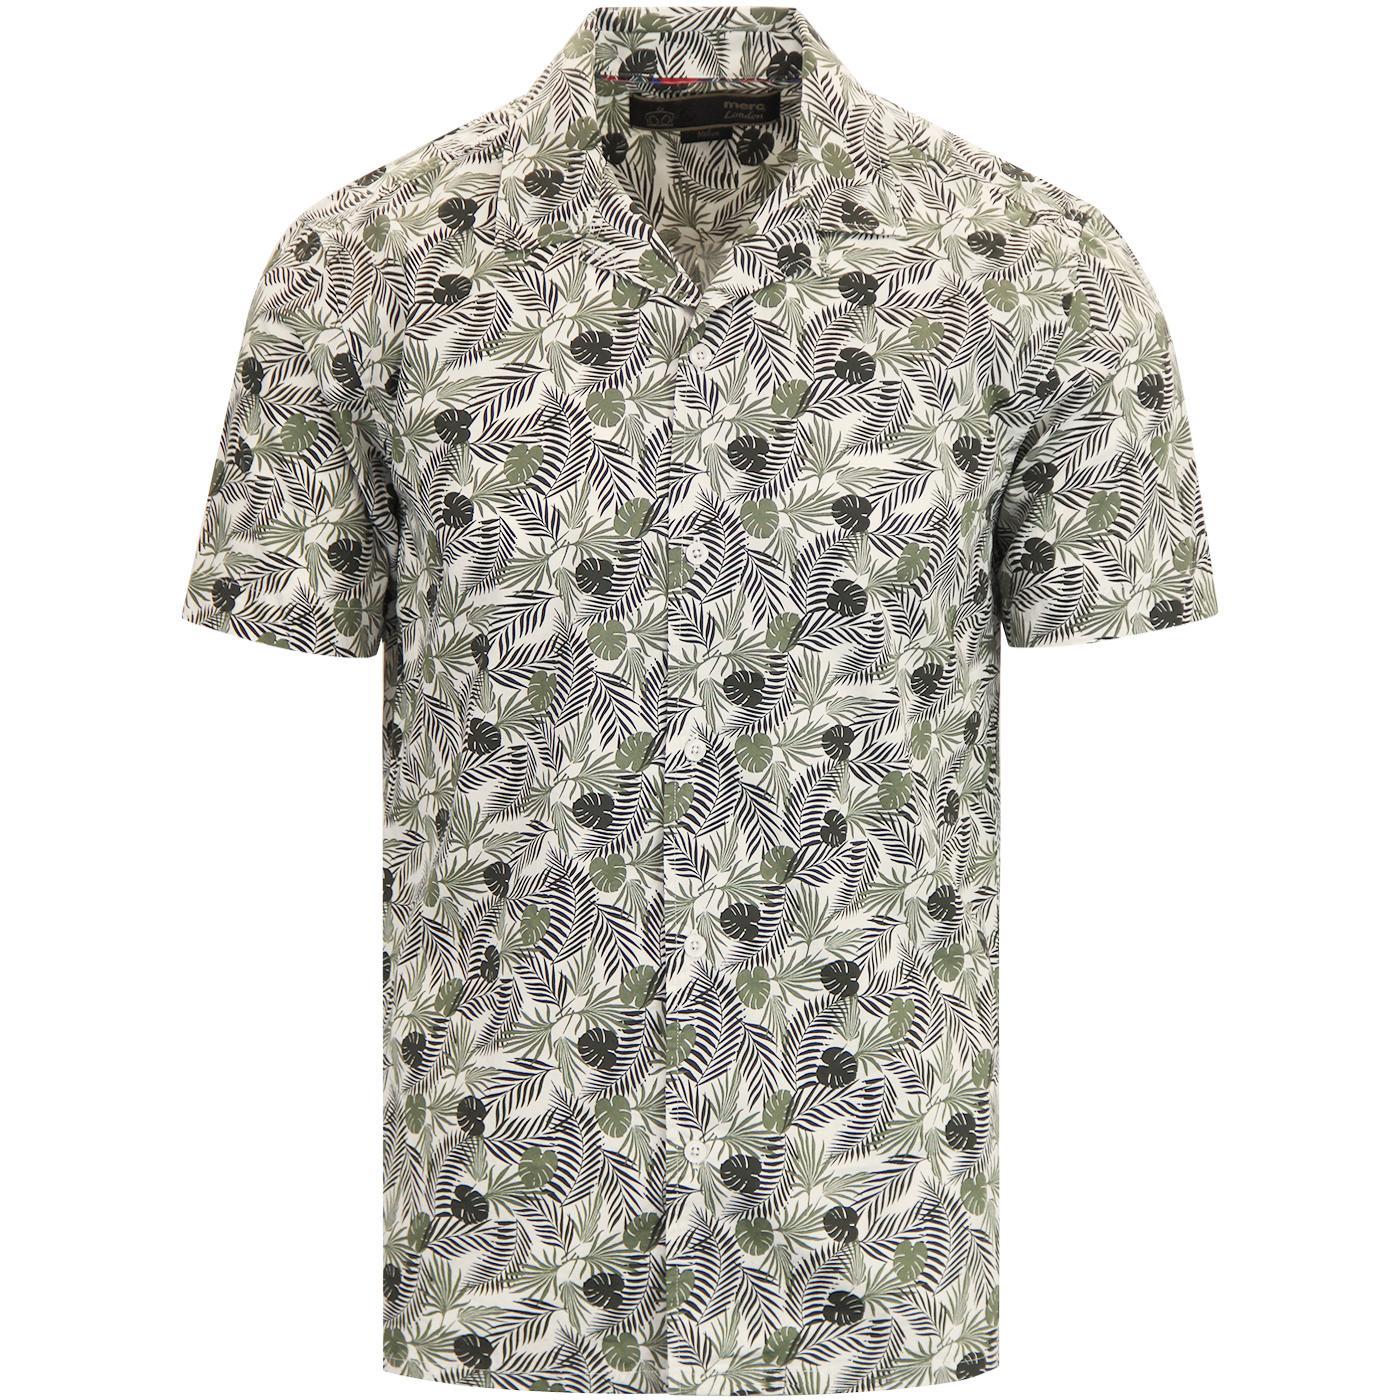 Darwin MERC 60s Cuban Collar Botanical Shirt OW